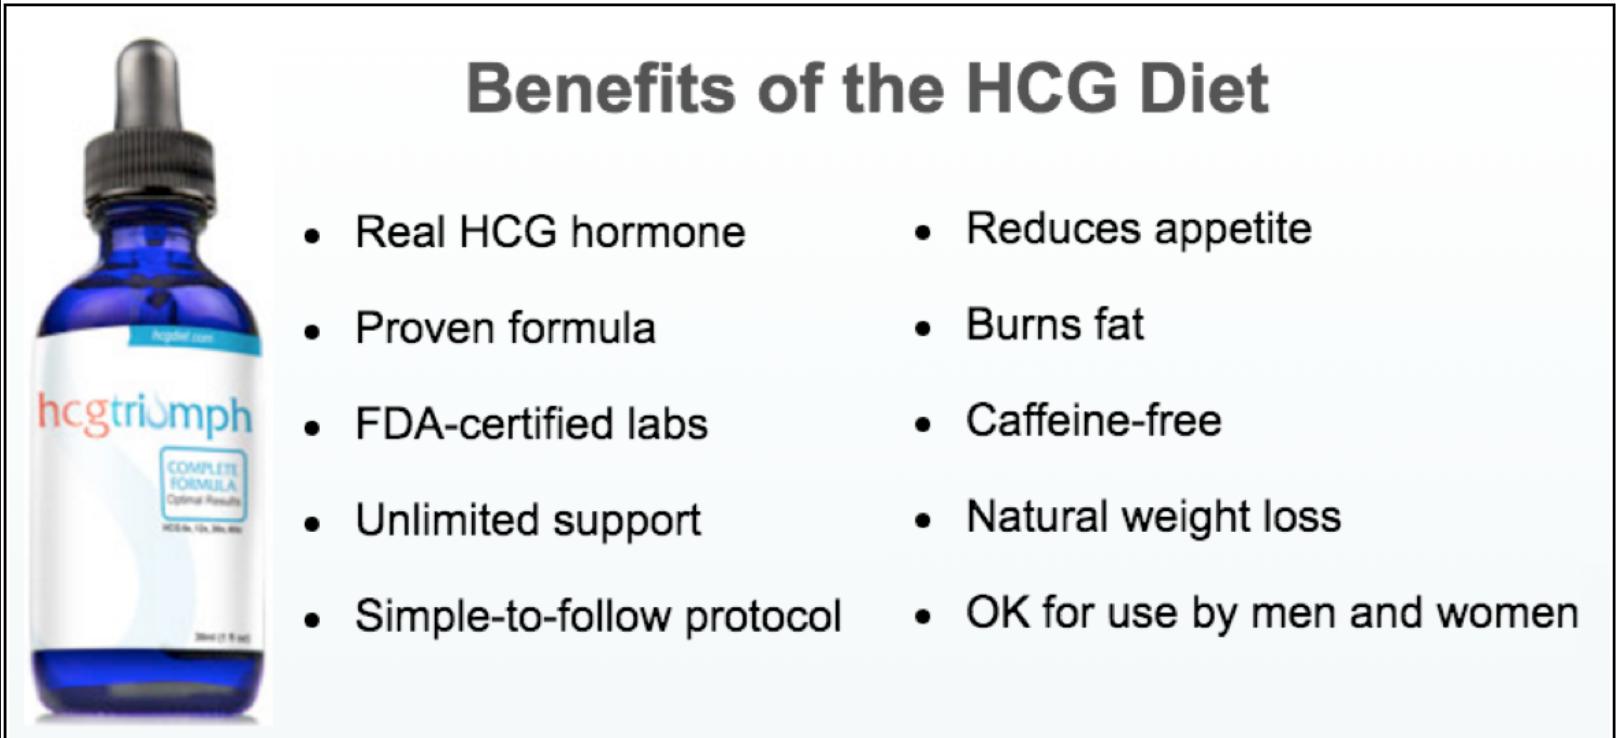 HCG Triumph Review: Best Hcg Drops on the Market?